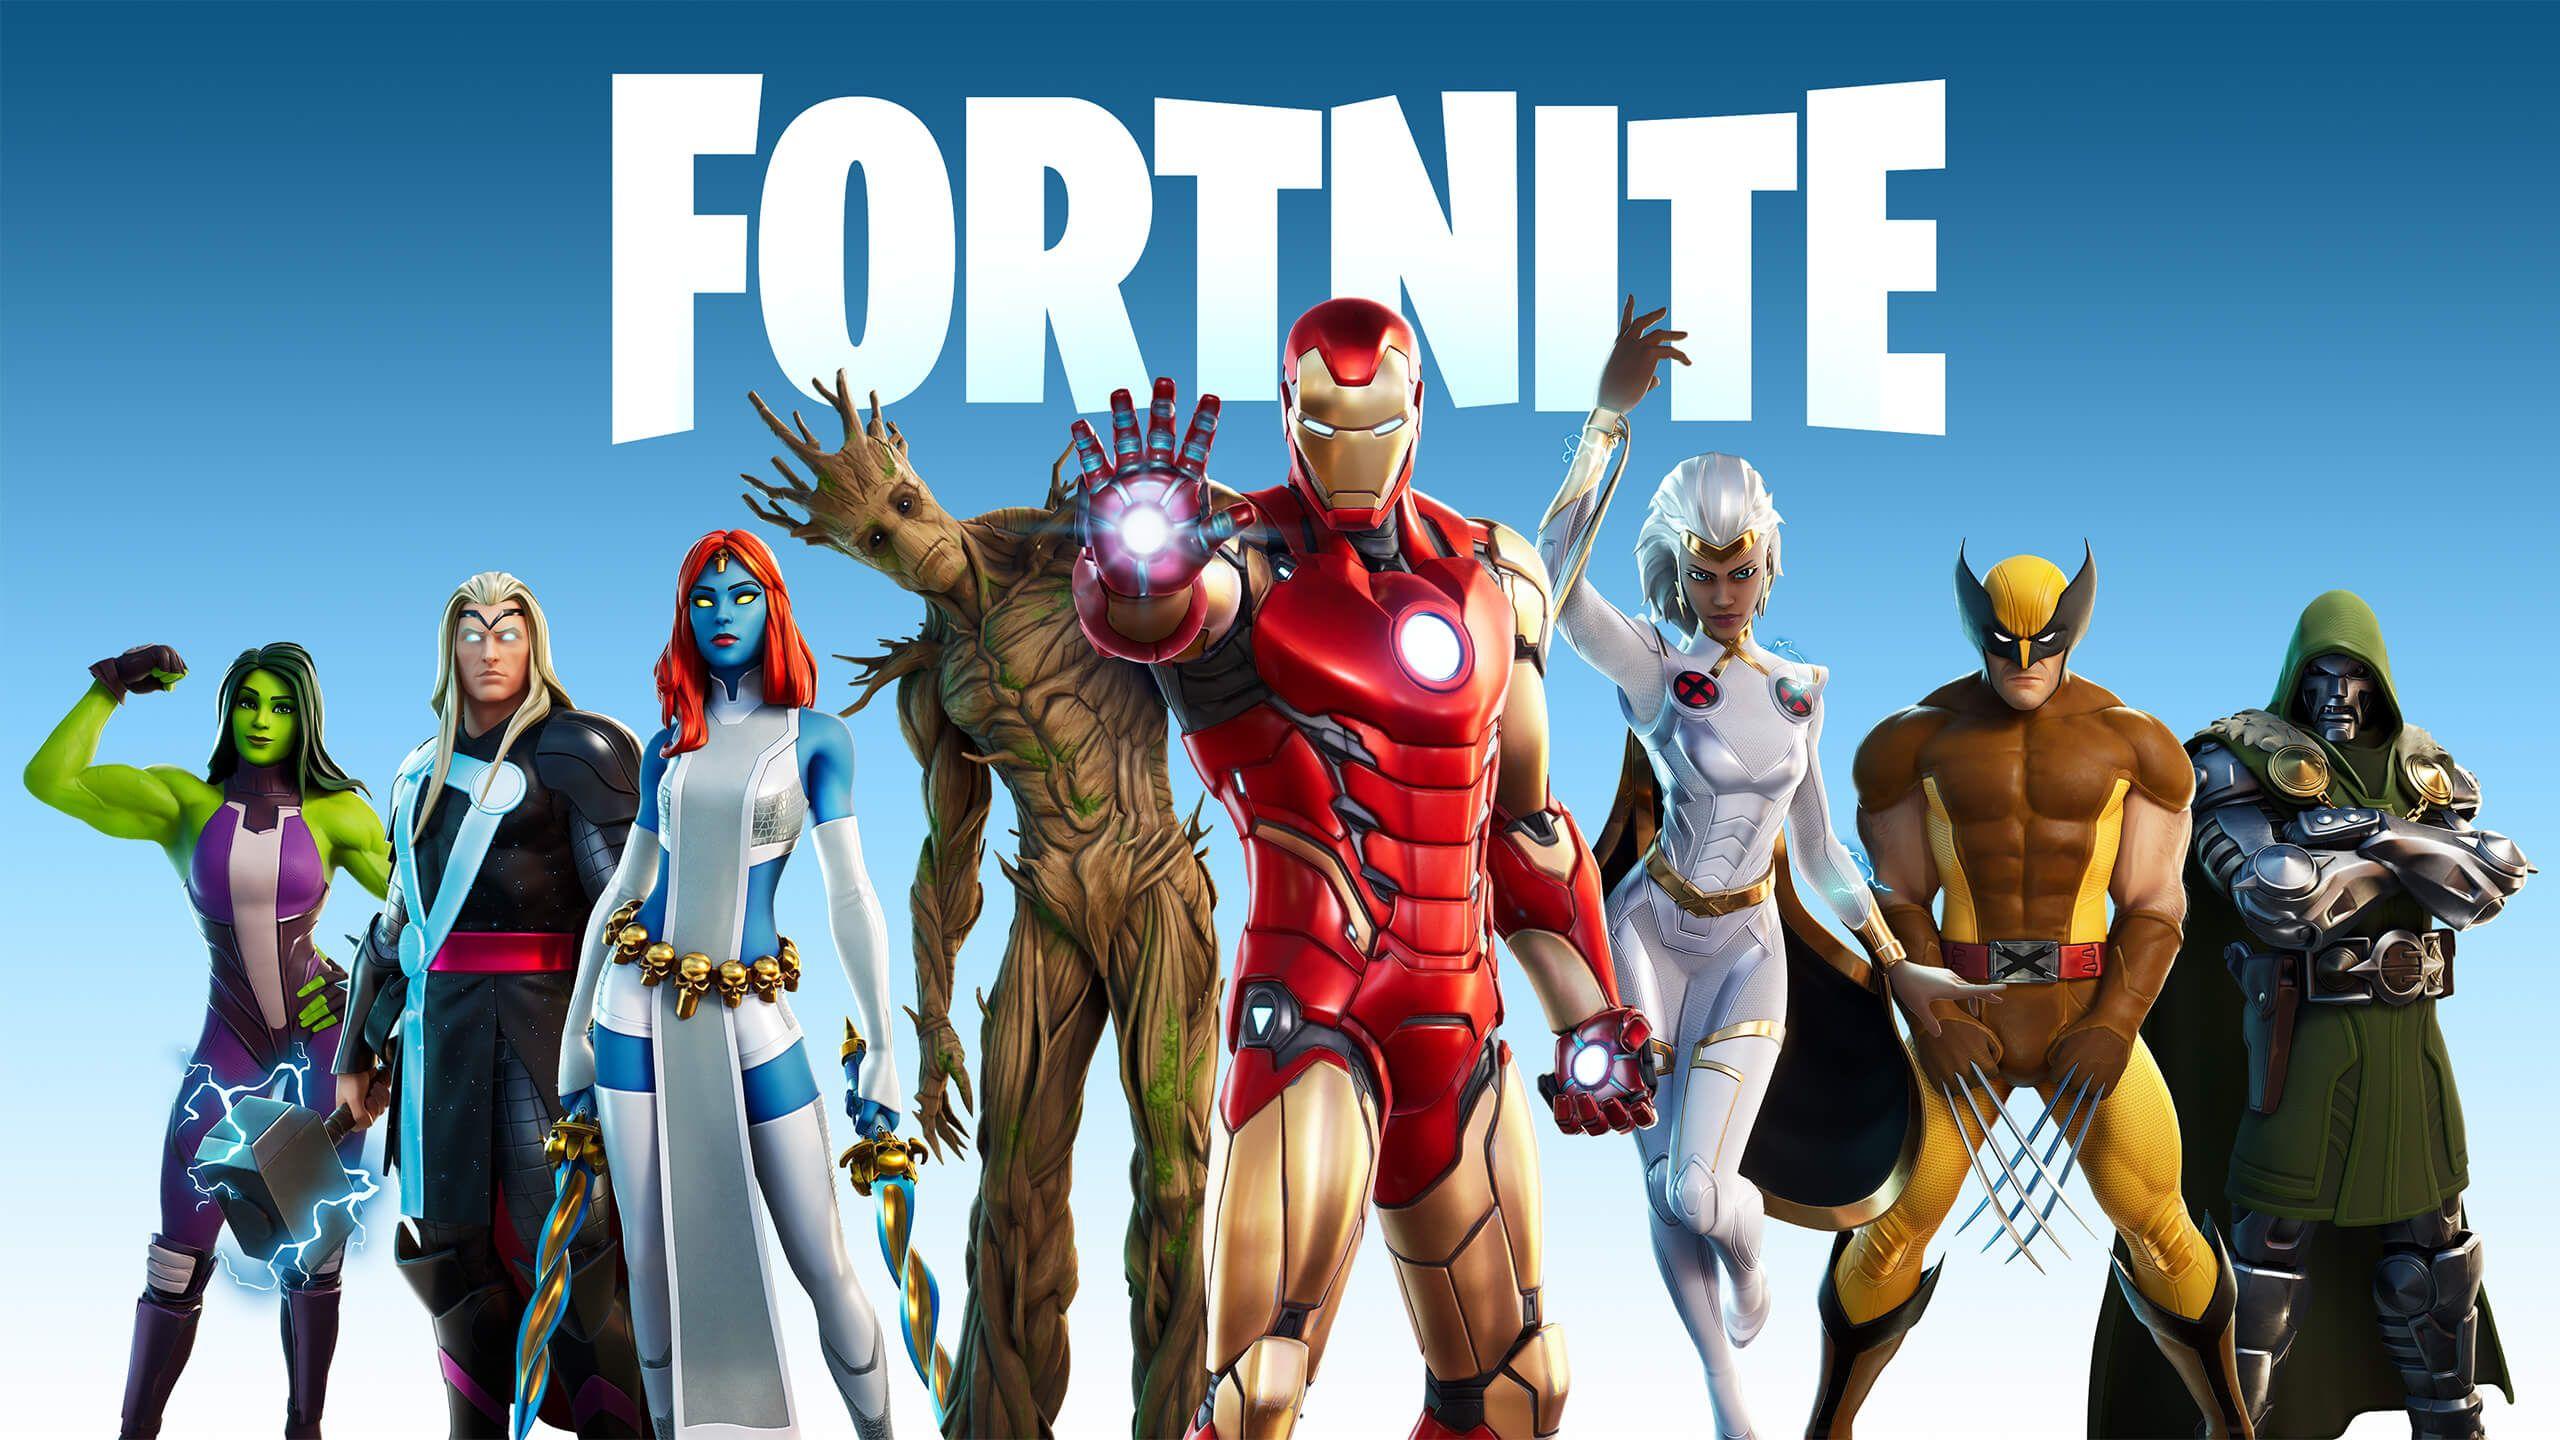 Fortnite Fortnite Season 4 In 2020 Fortnite Marvel Battle Royale Game